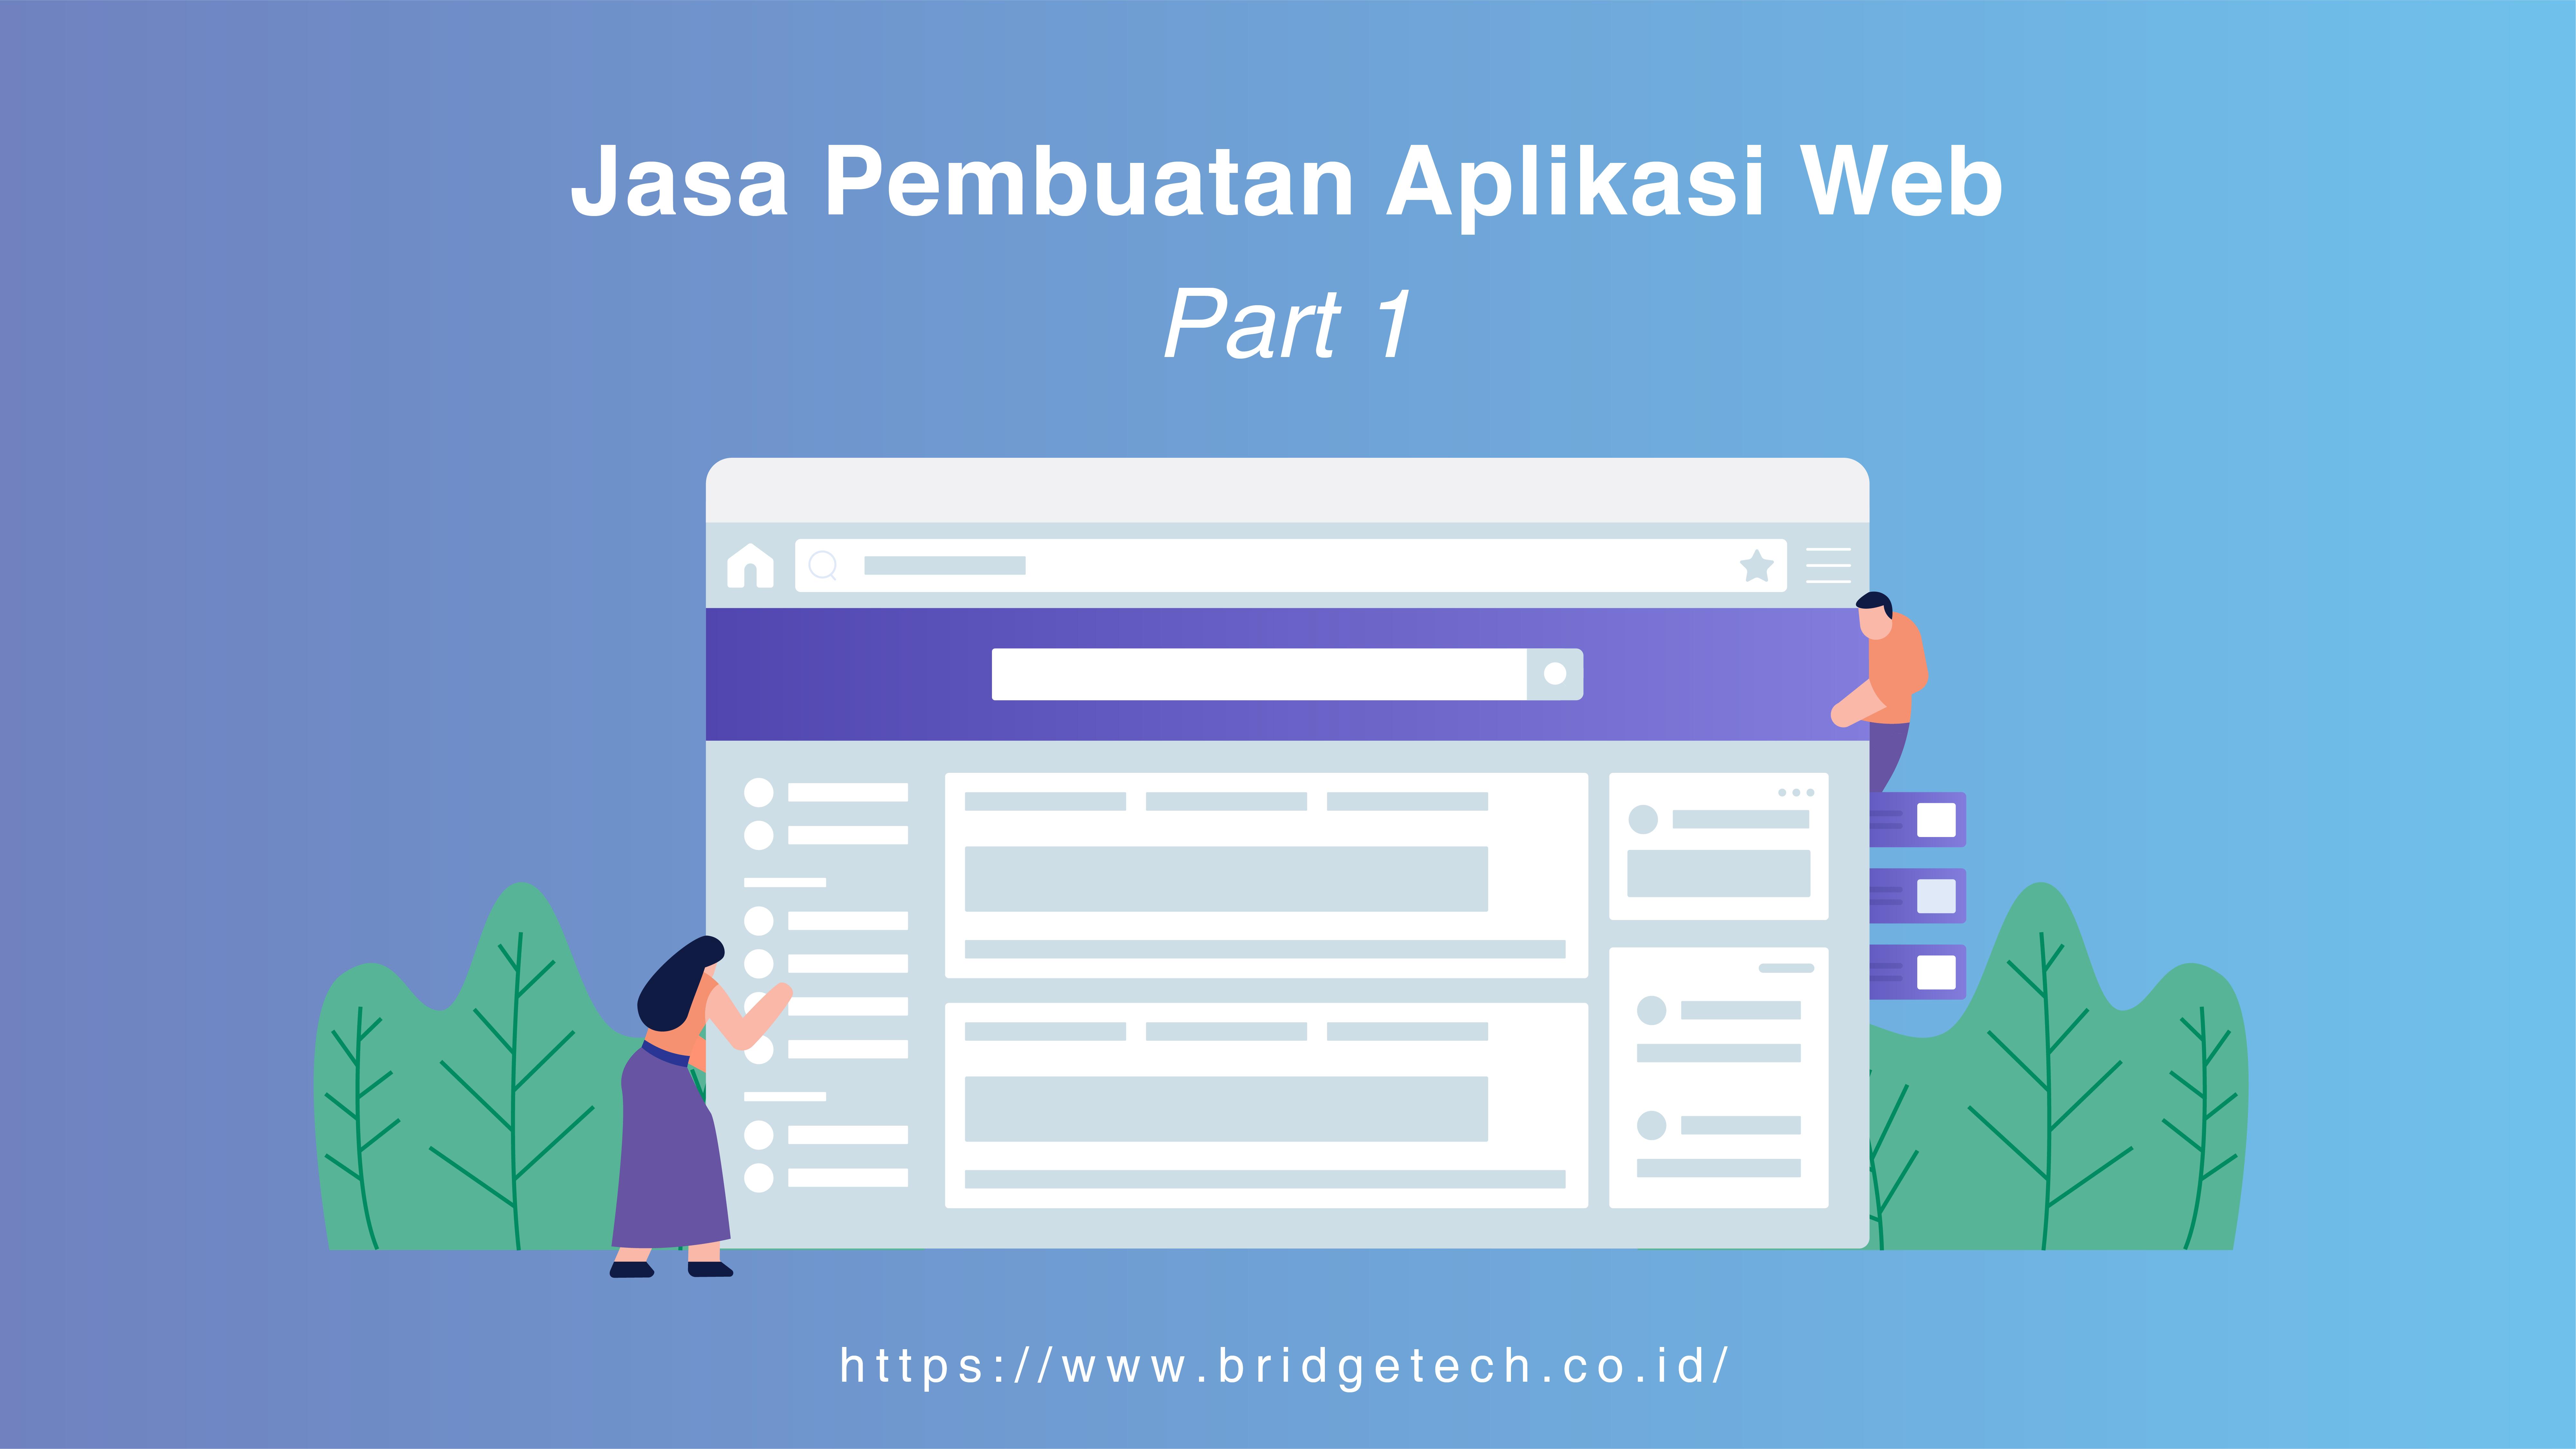 Jasa Pembuatan Aplikasi Web (Pt.1)